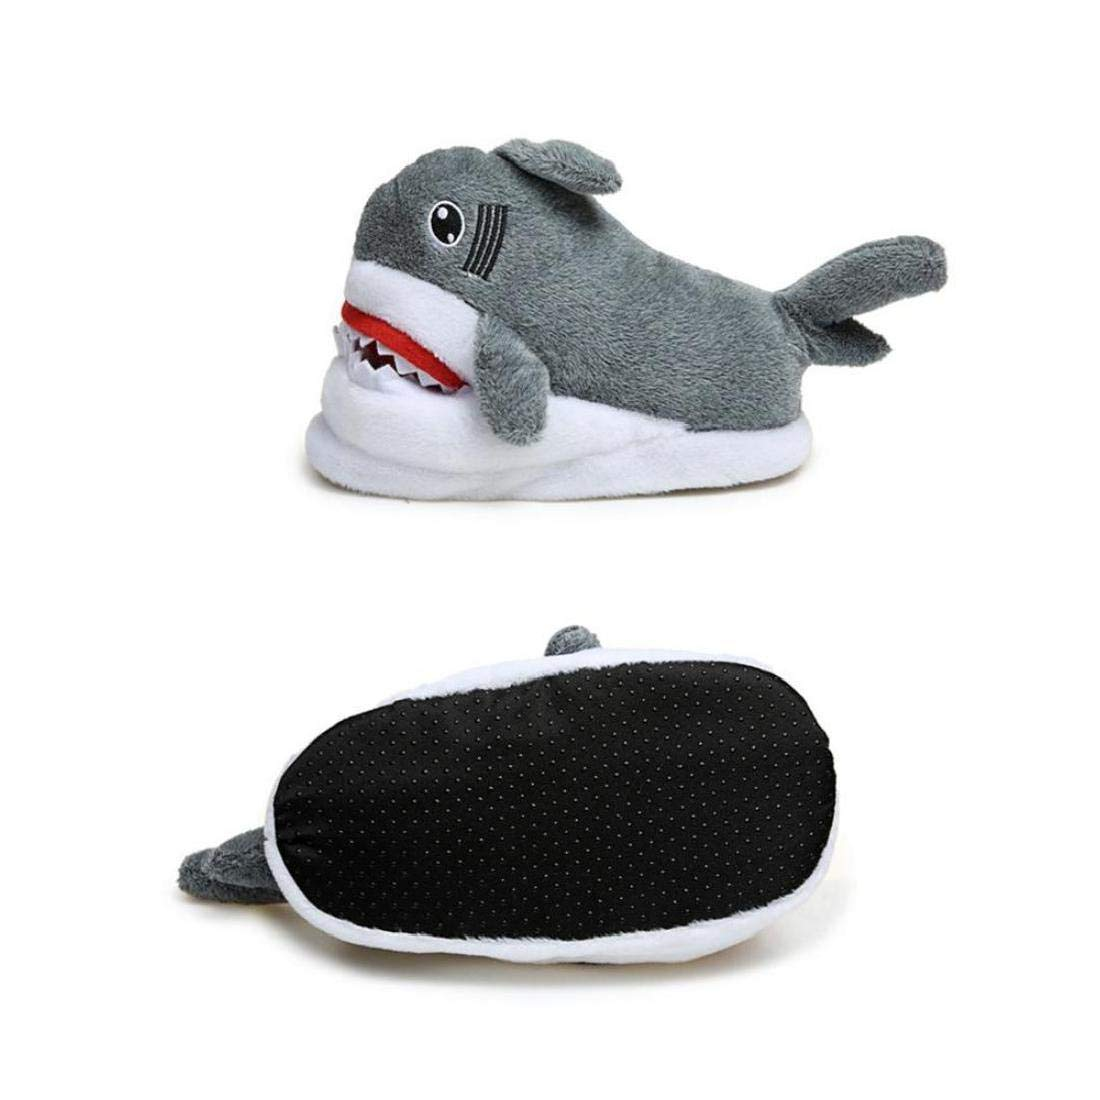 Algod/ón Tibur/ón Zapatillas para Adultos Polar De Coral del Flip-Flop contra La Historieta De La Resbal/ón Unisex Caliente Inicio Zapatos